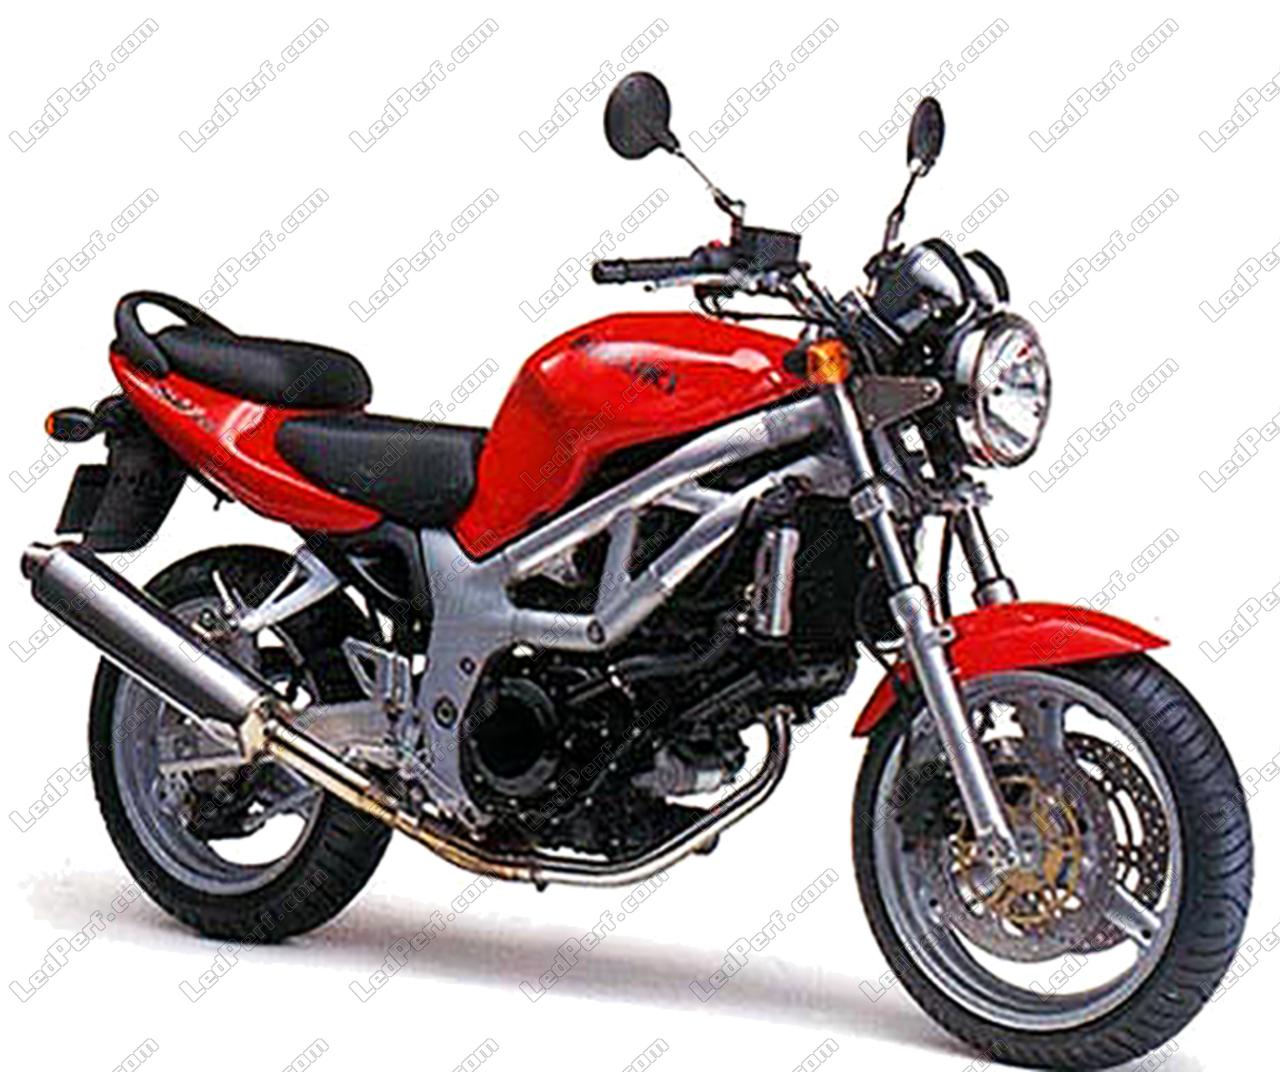 Ampoule Sv Suzuki Led 650 N1999 Kit Pour 2002Taille Mini 3R4Aj5L